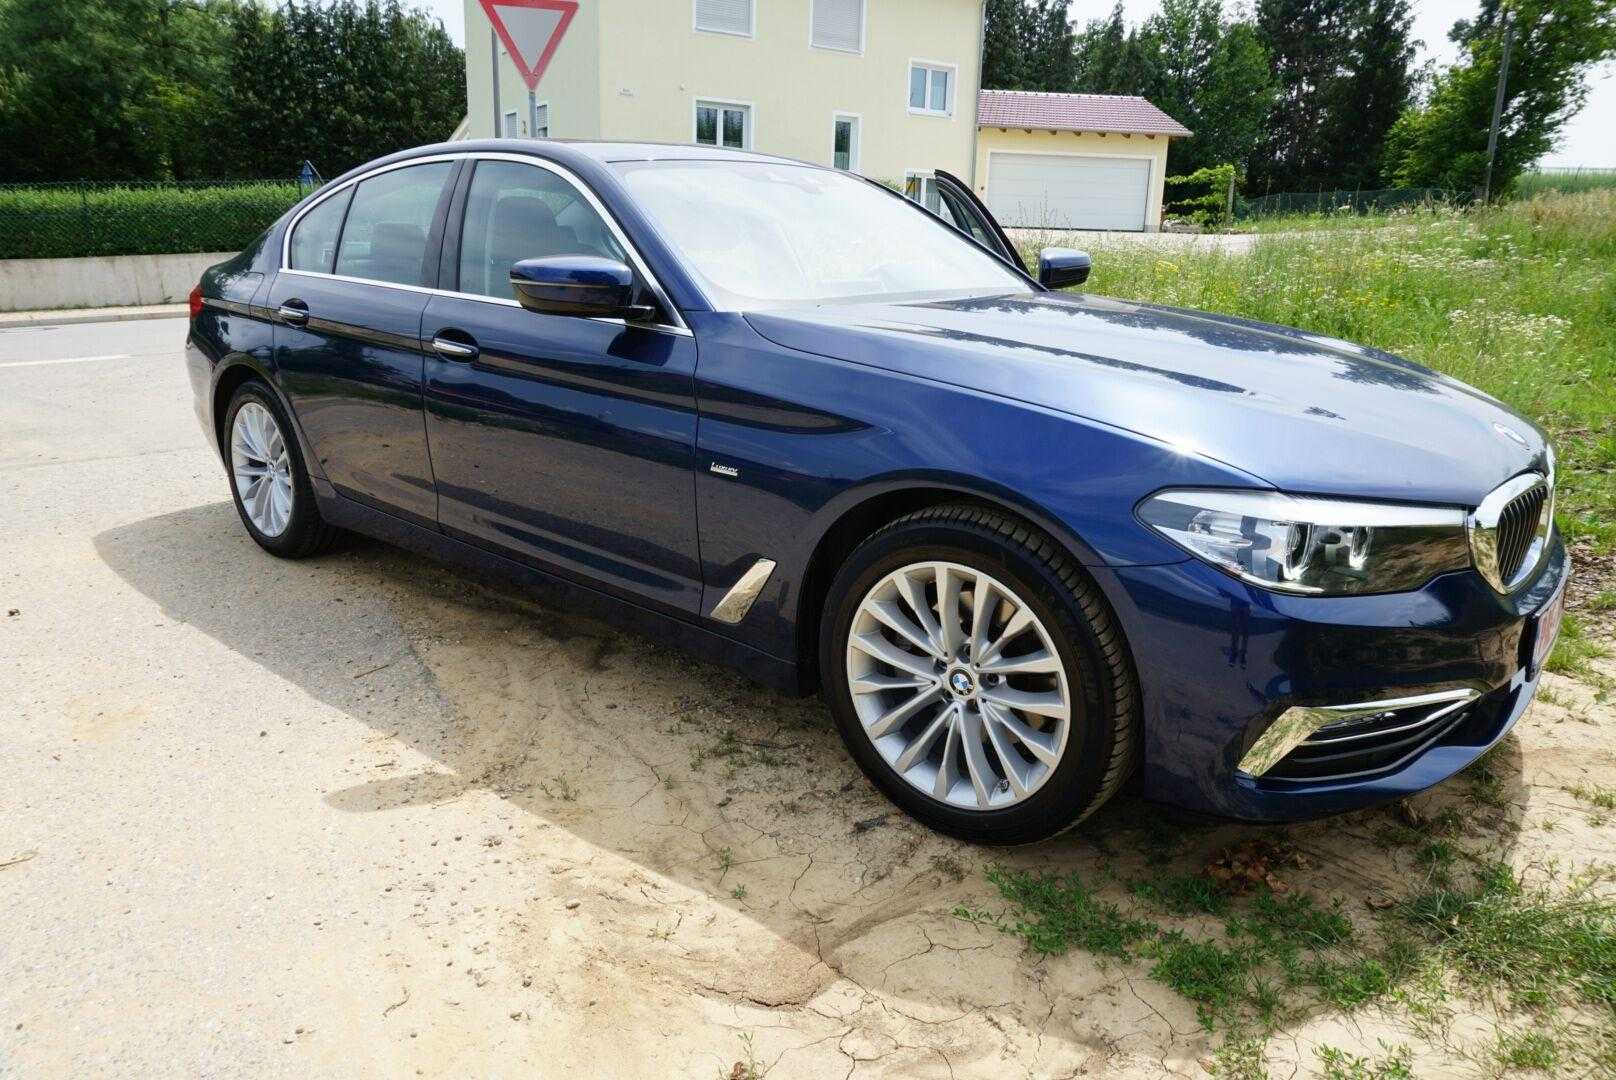 Моя история о покупке машины в Германии